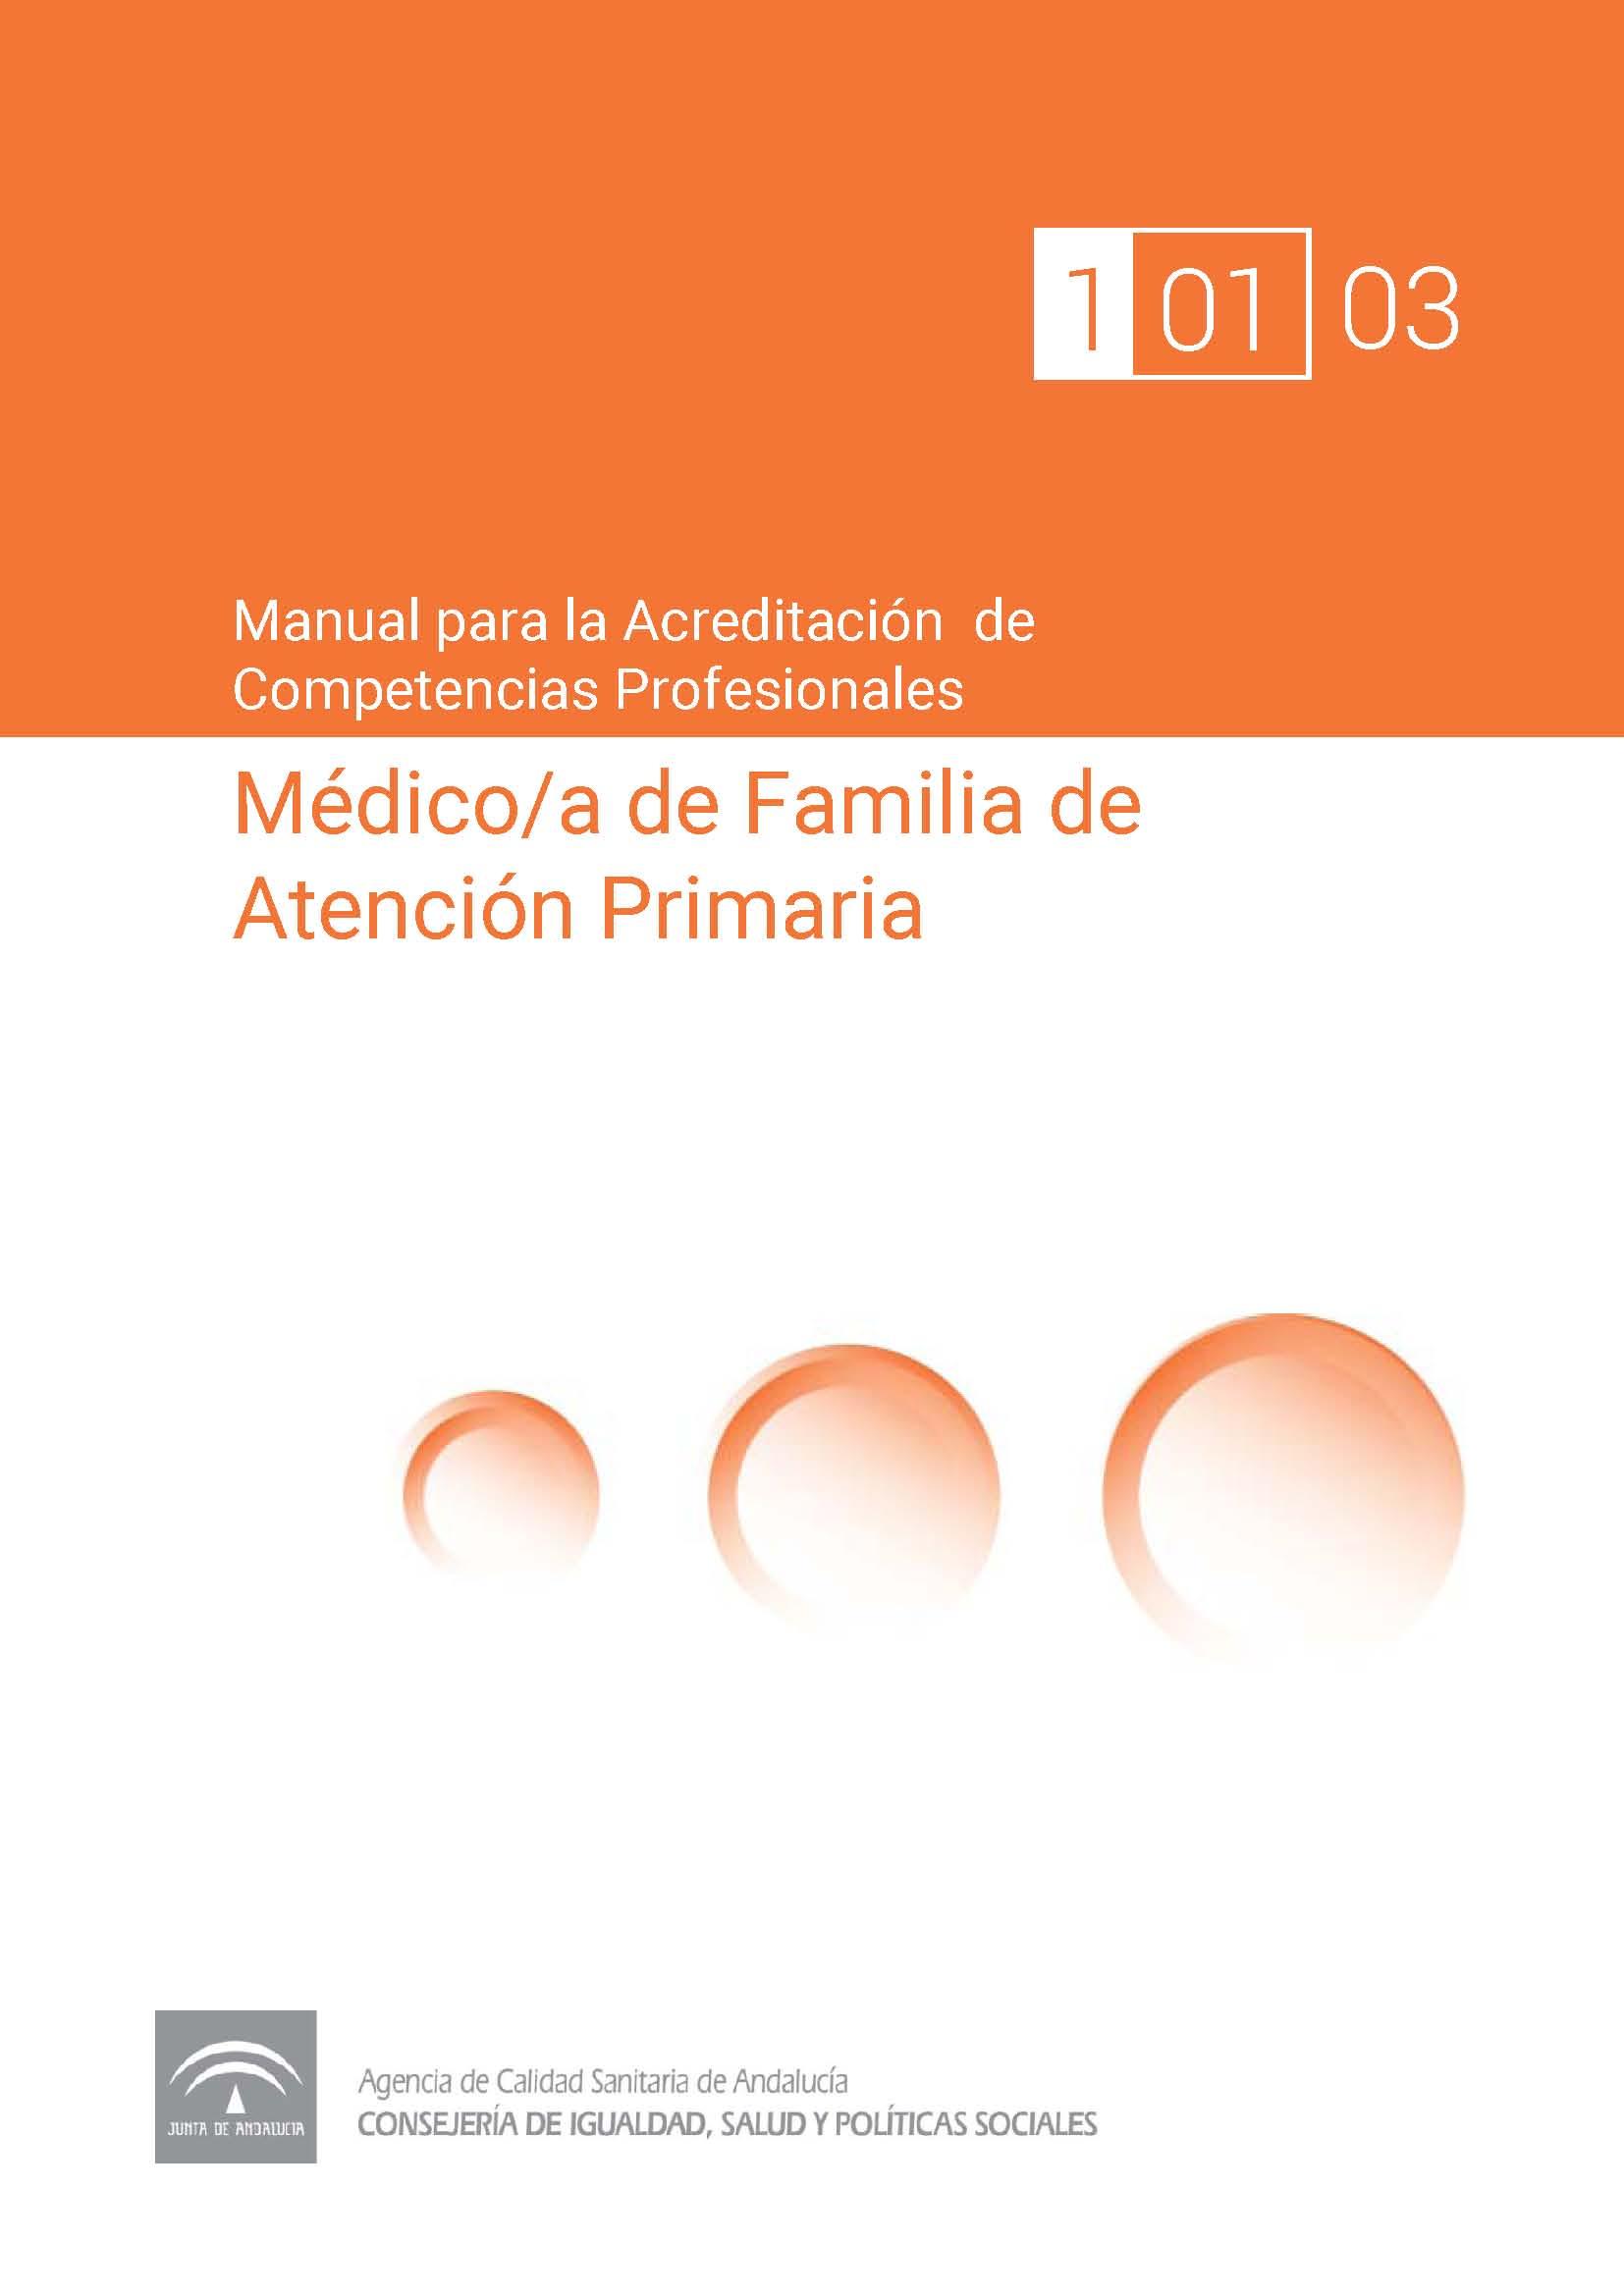 Manual de competencias profesionales del/de la Médico/a de Familia de Atención Primaria